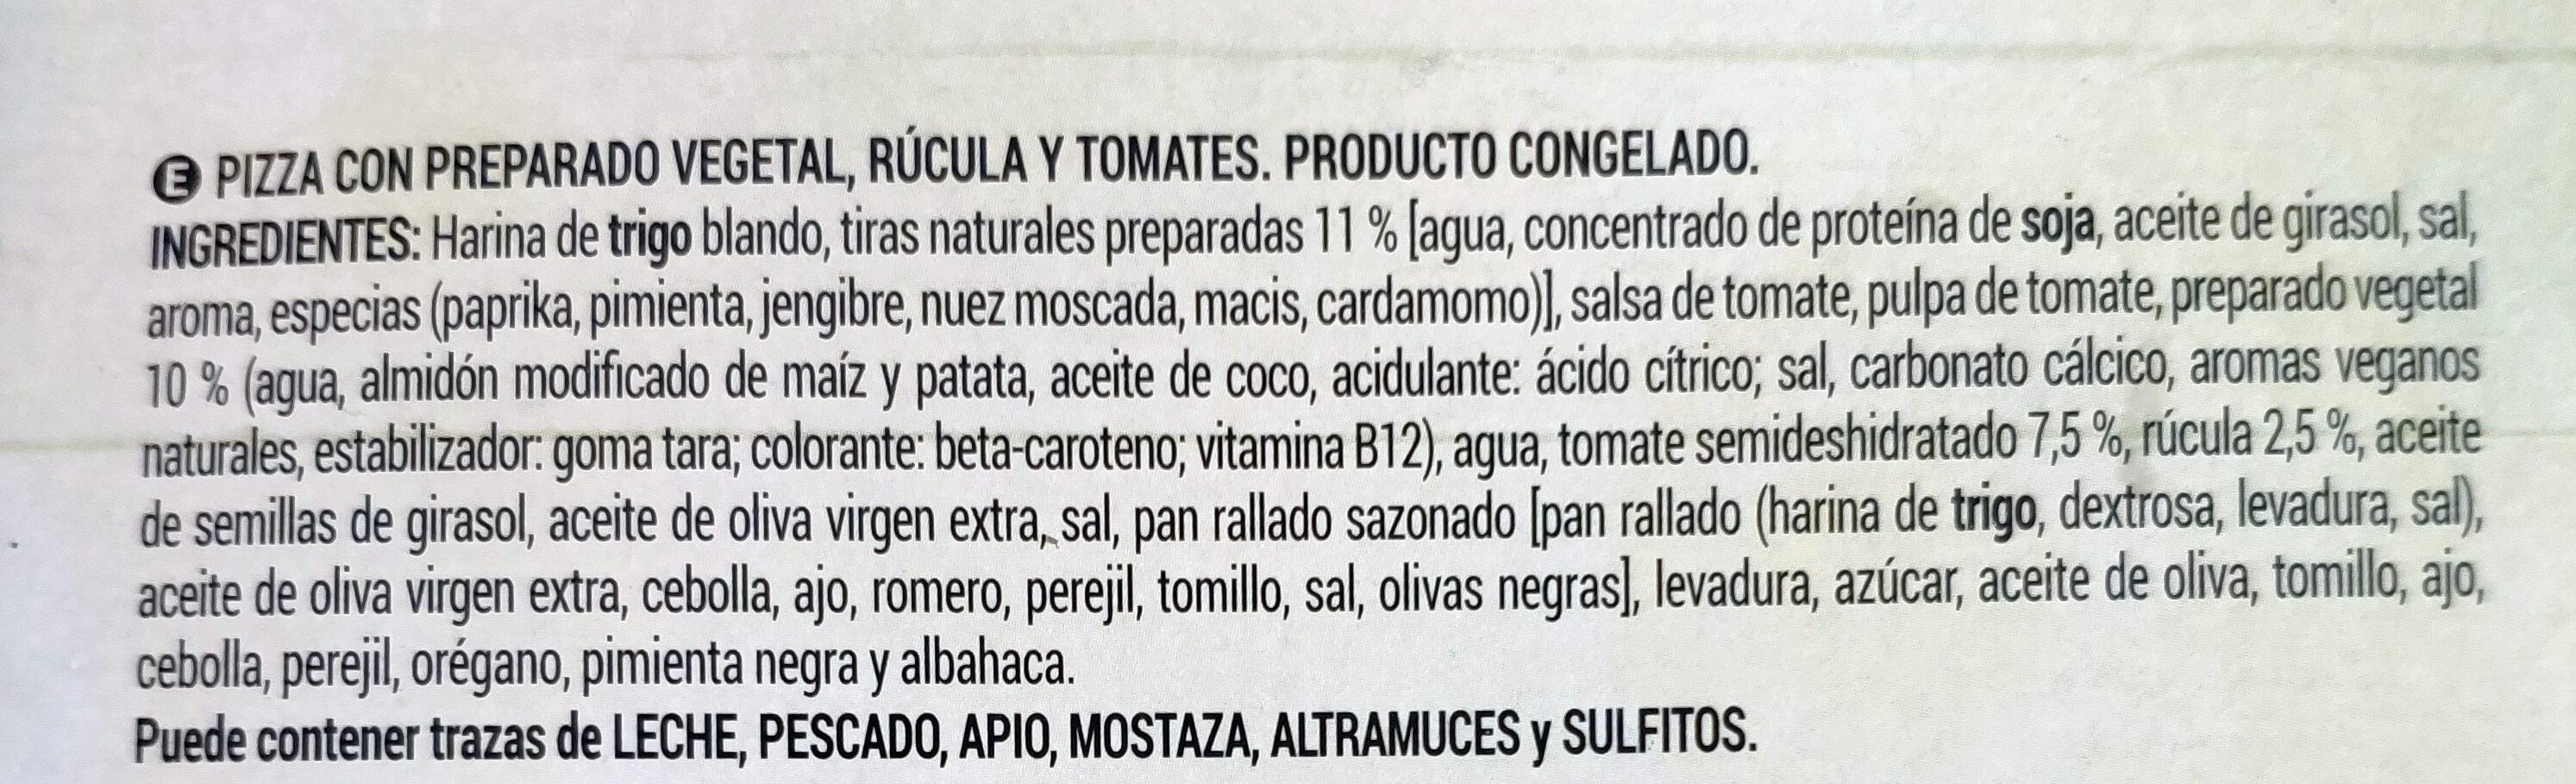 Vegan Pizza rúcula y tomate seco - Ingrediënten - es